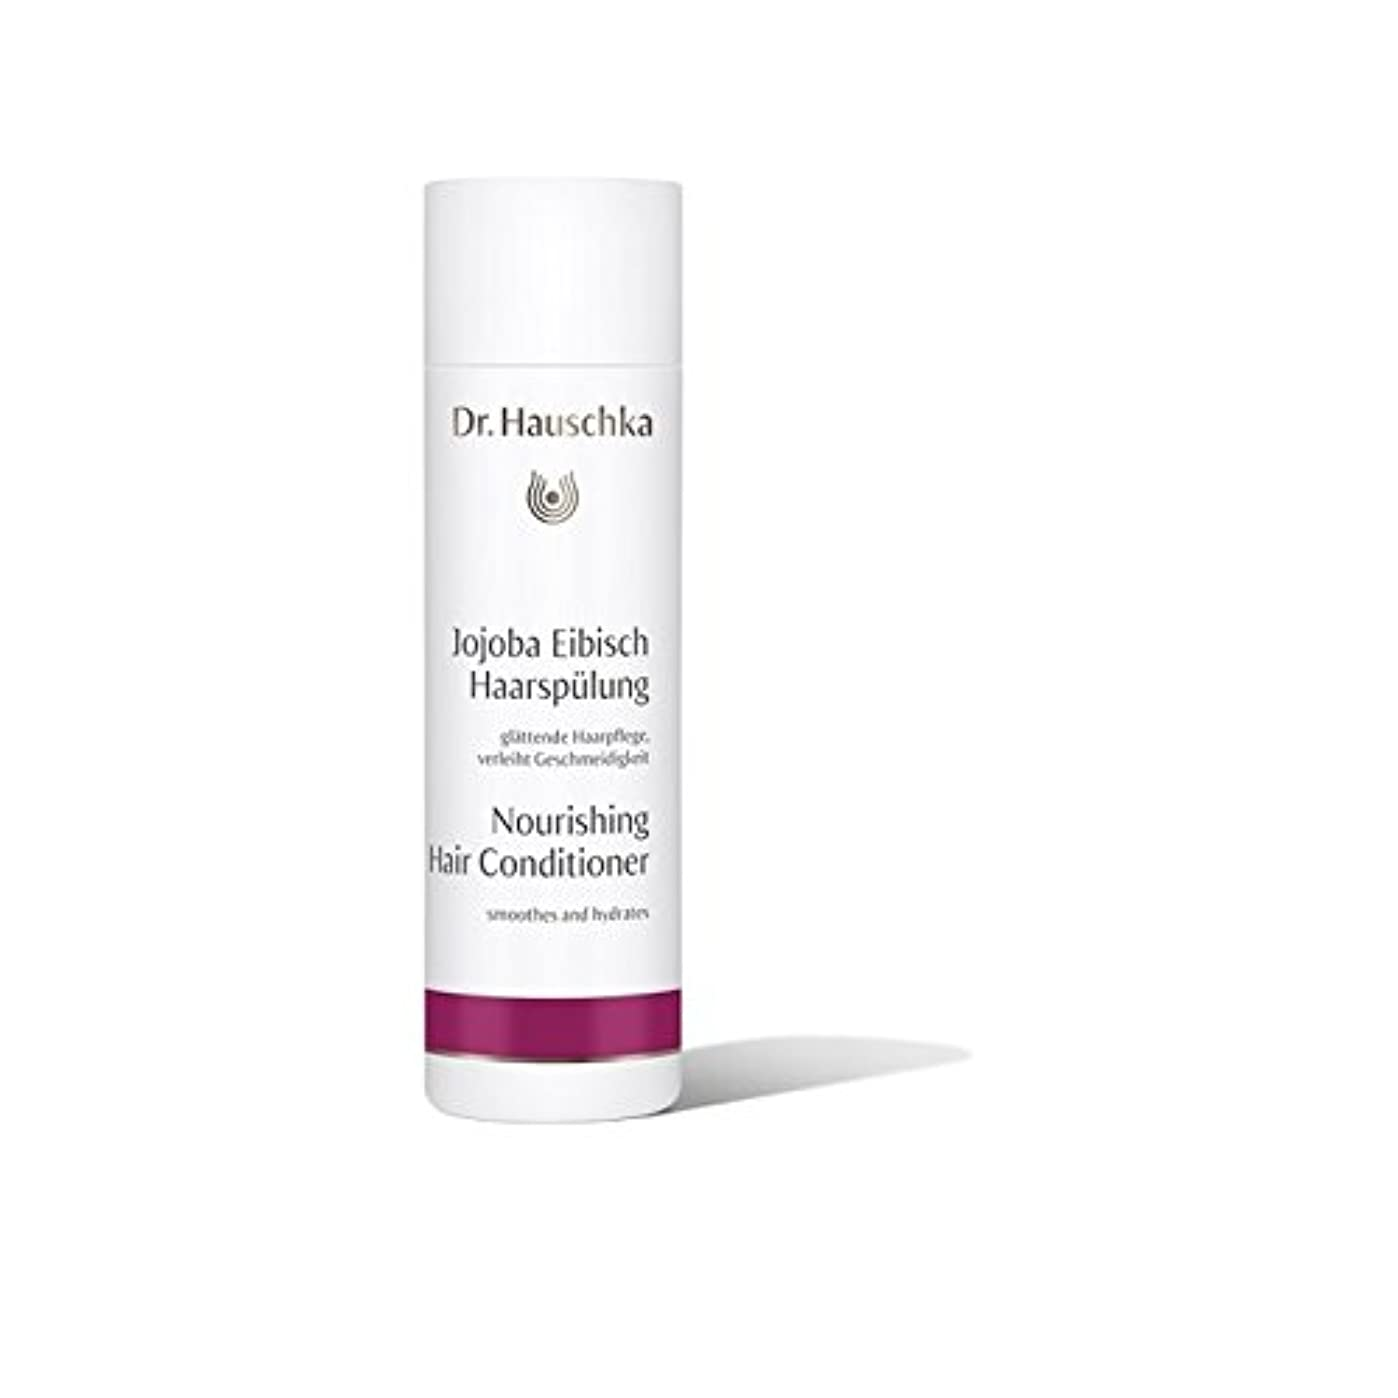 擬人慣れるスペルDr. Hauschka Nourishing Hair Conditioner (200ml) - ハウシュカ栄養ヘアコンディショナー(200ミリリットル) [並行輸入品]